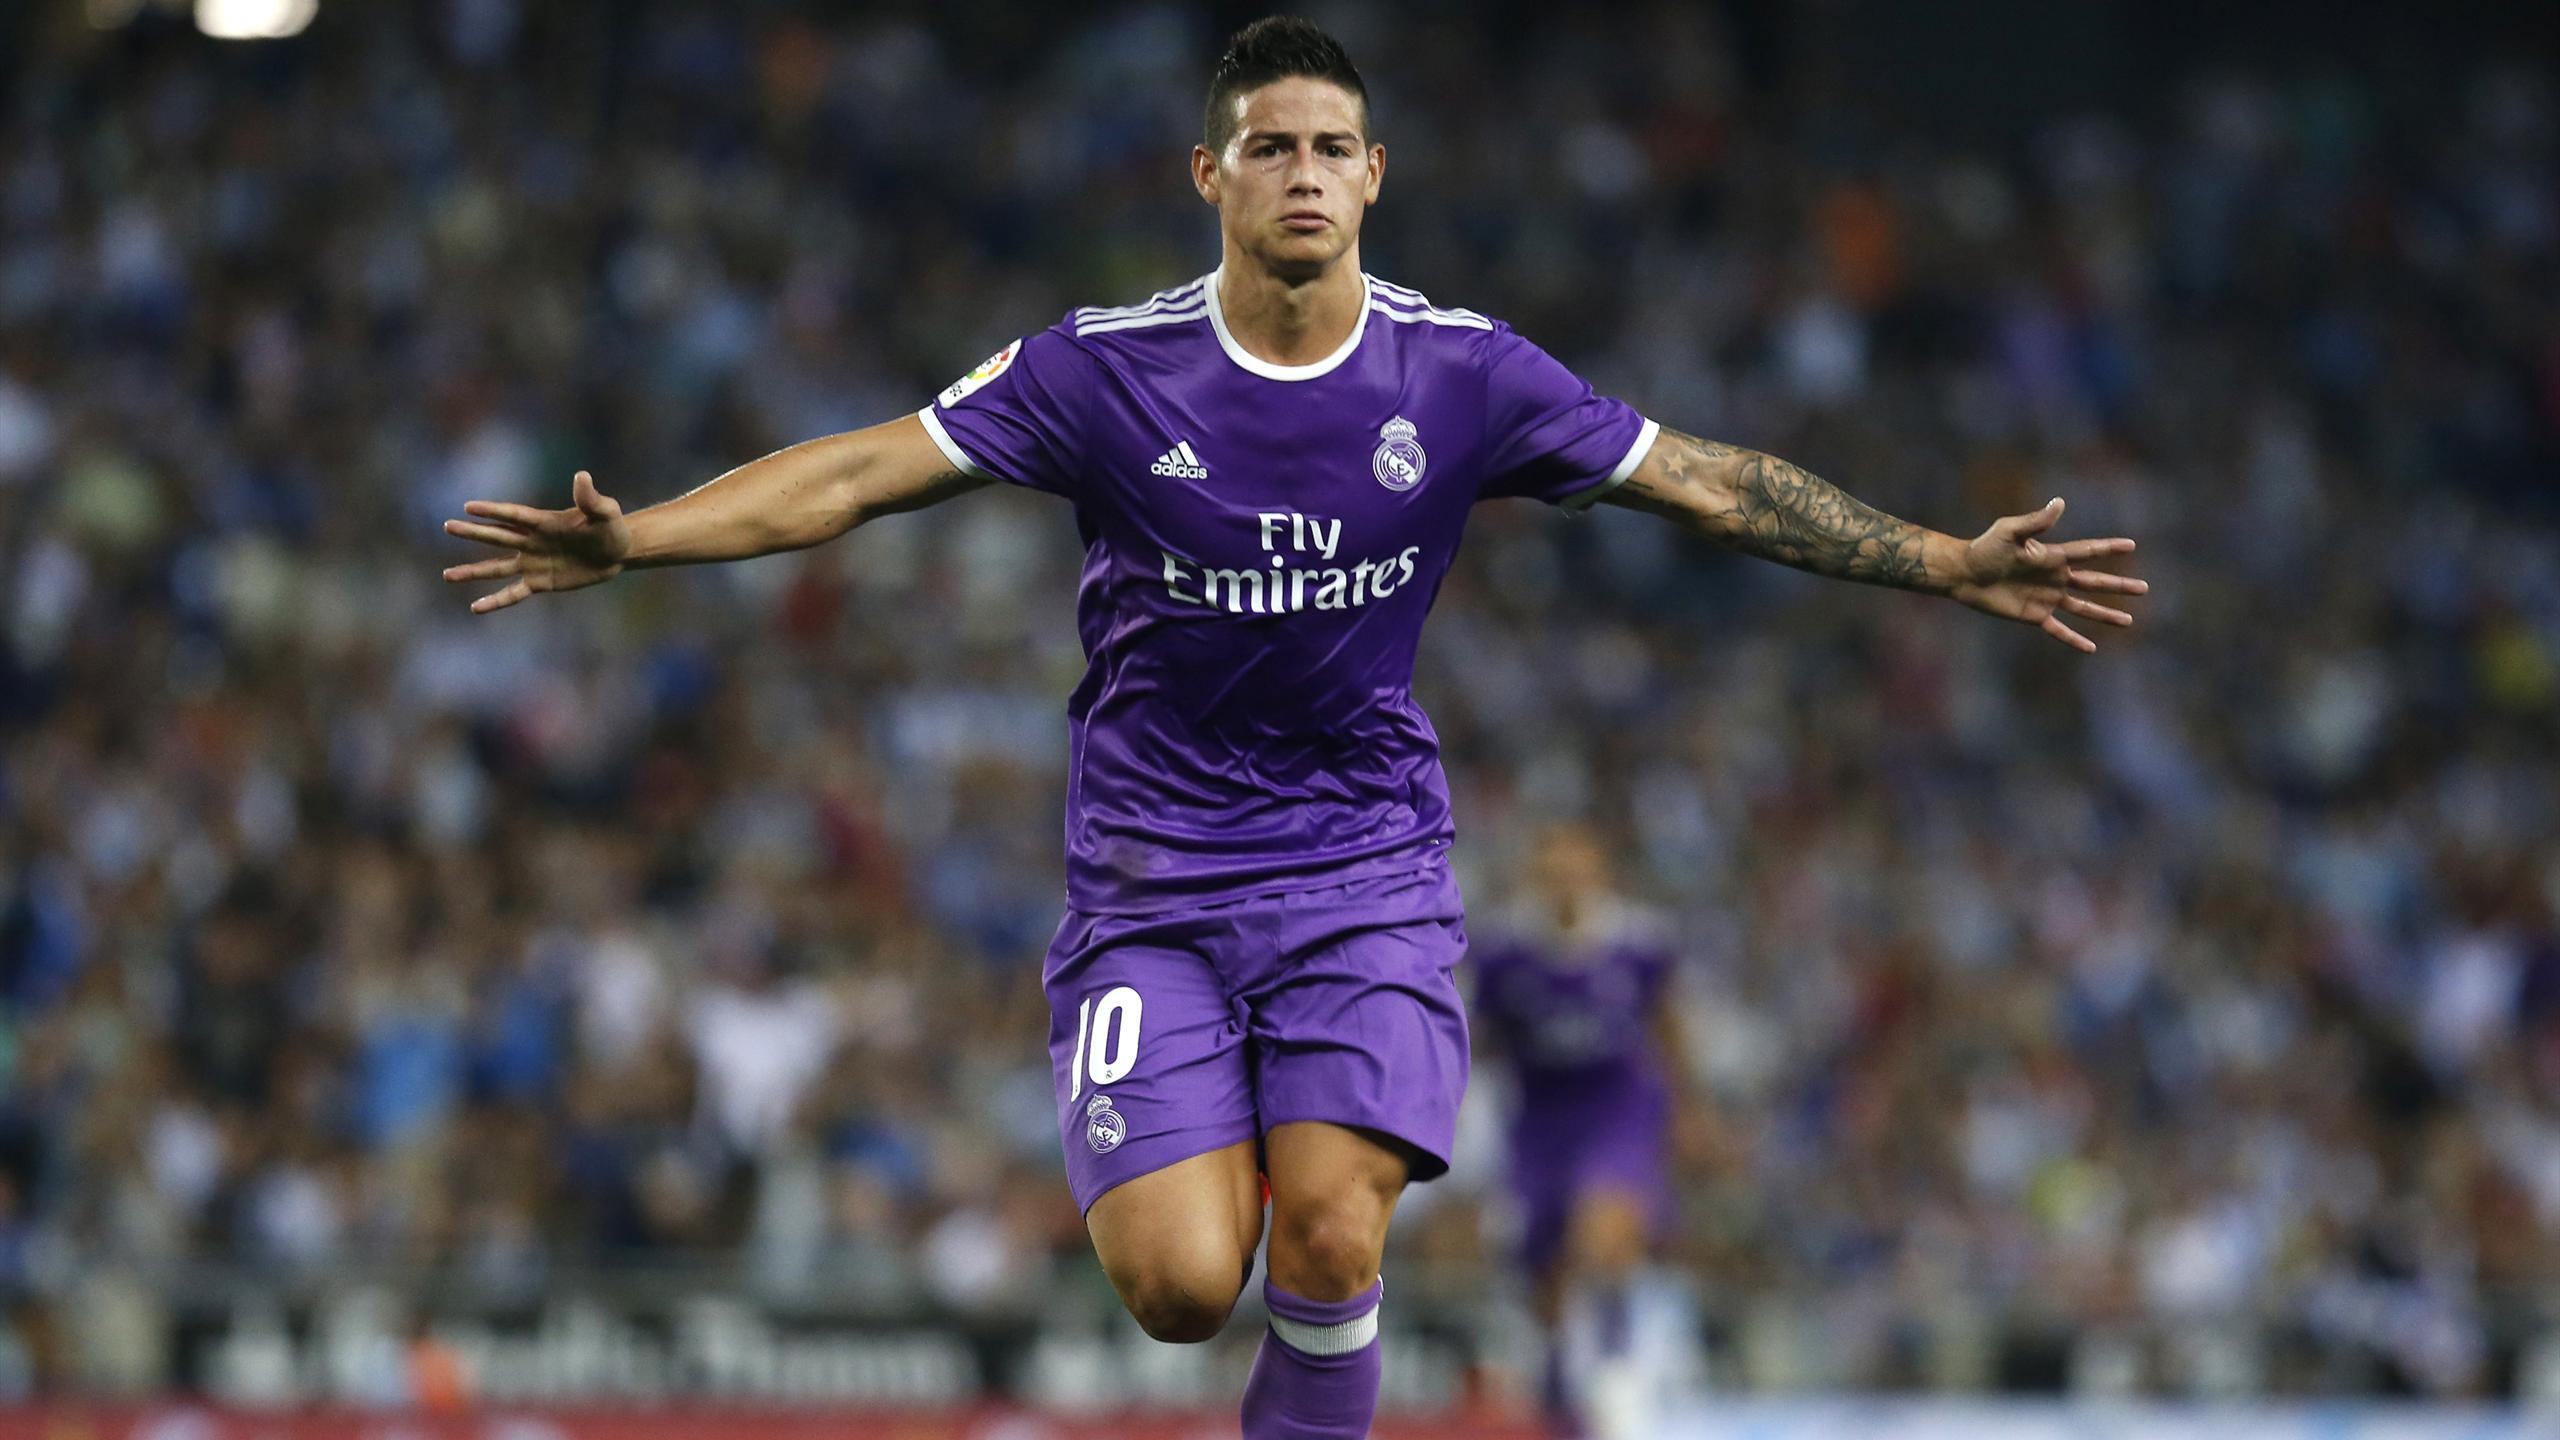 James Rodríguez célèbre son but face à l'Espanyol